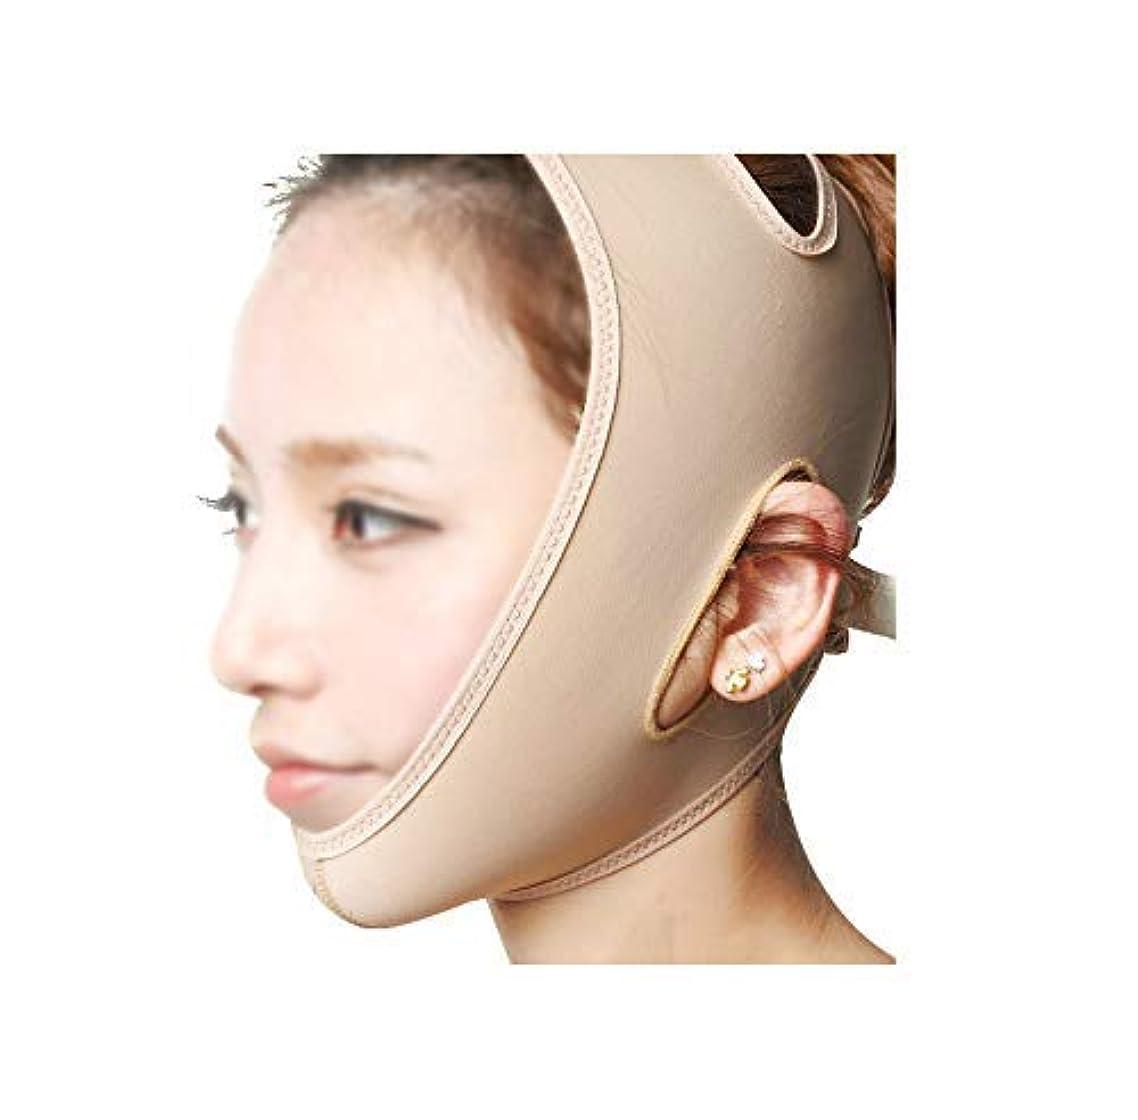 静けさ束人類フェイスリフティングバンデージVフェイスインスツルメントフェイスマスクアーティファクトフェイスリフティング引き締めフェイシャルマッサージ通気性肌のトーン(サイズ:xl),Xl